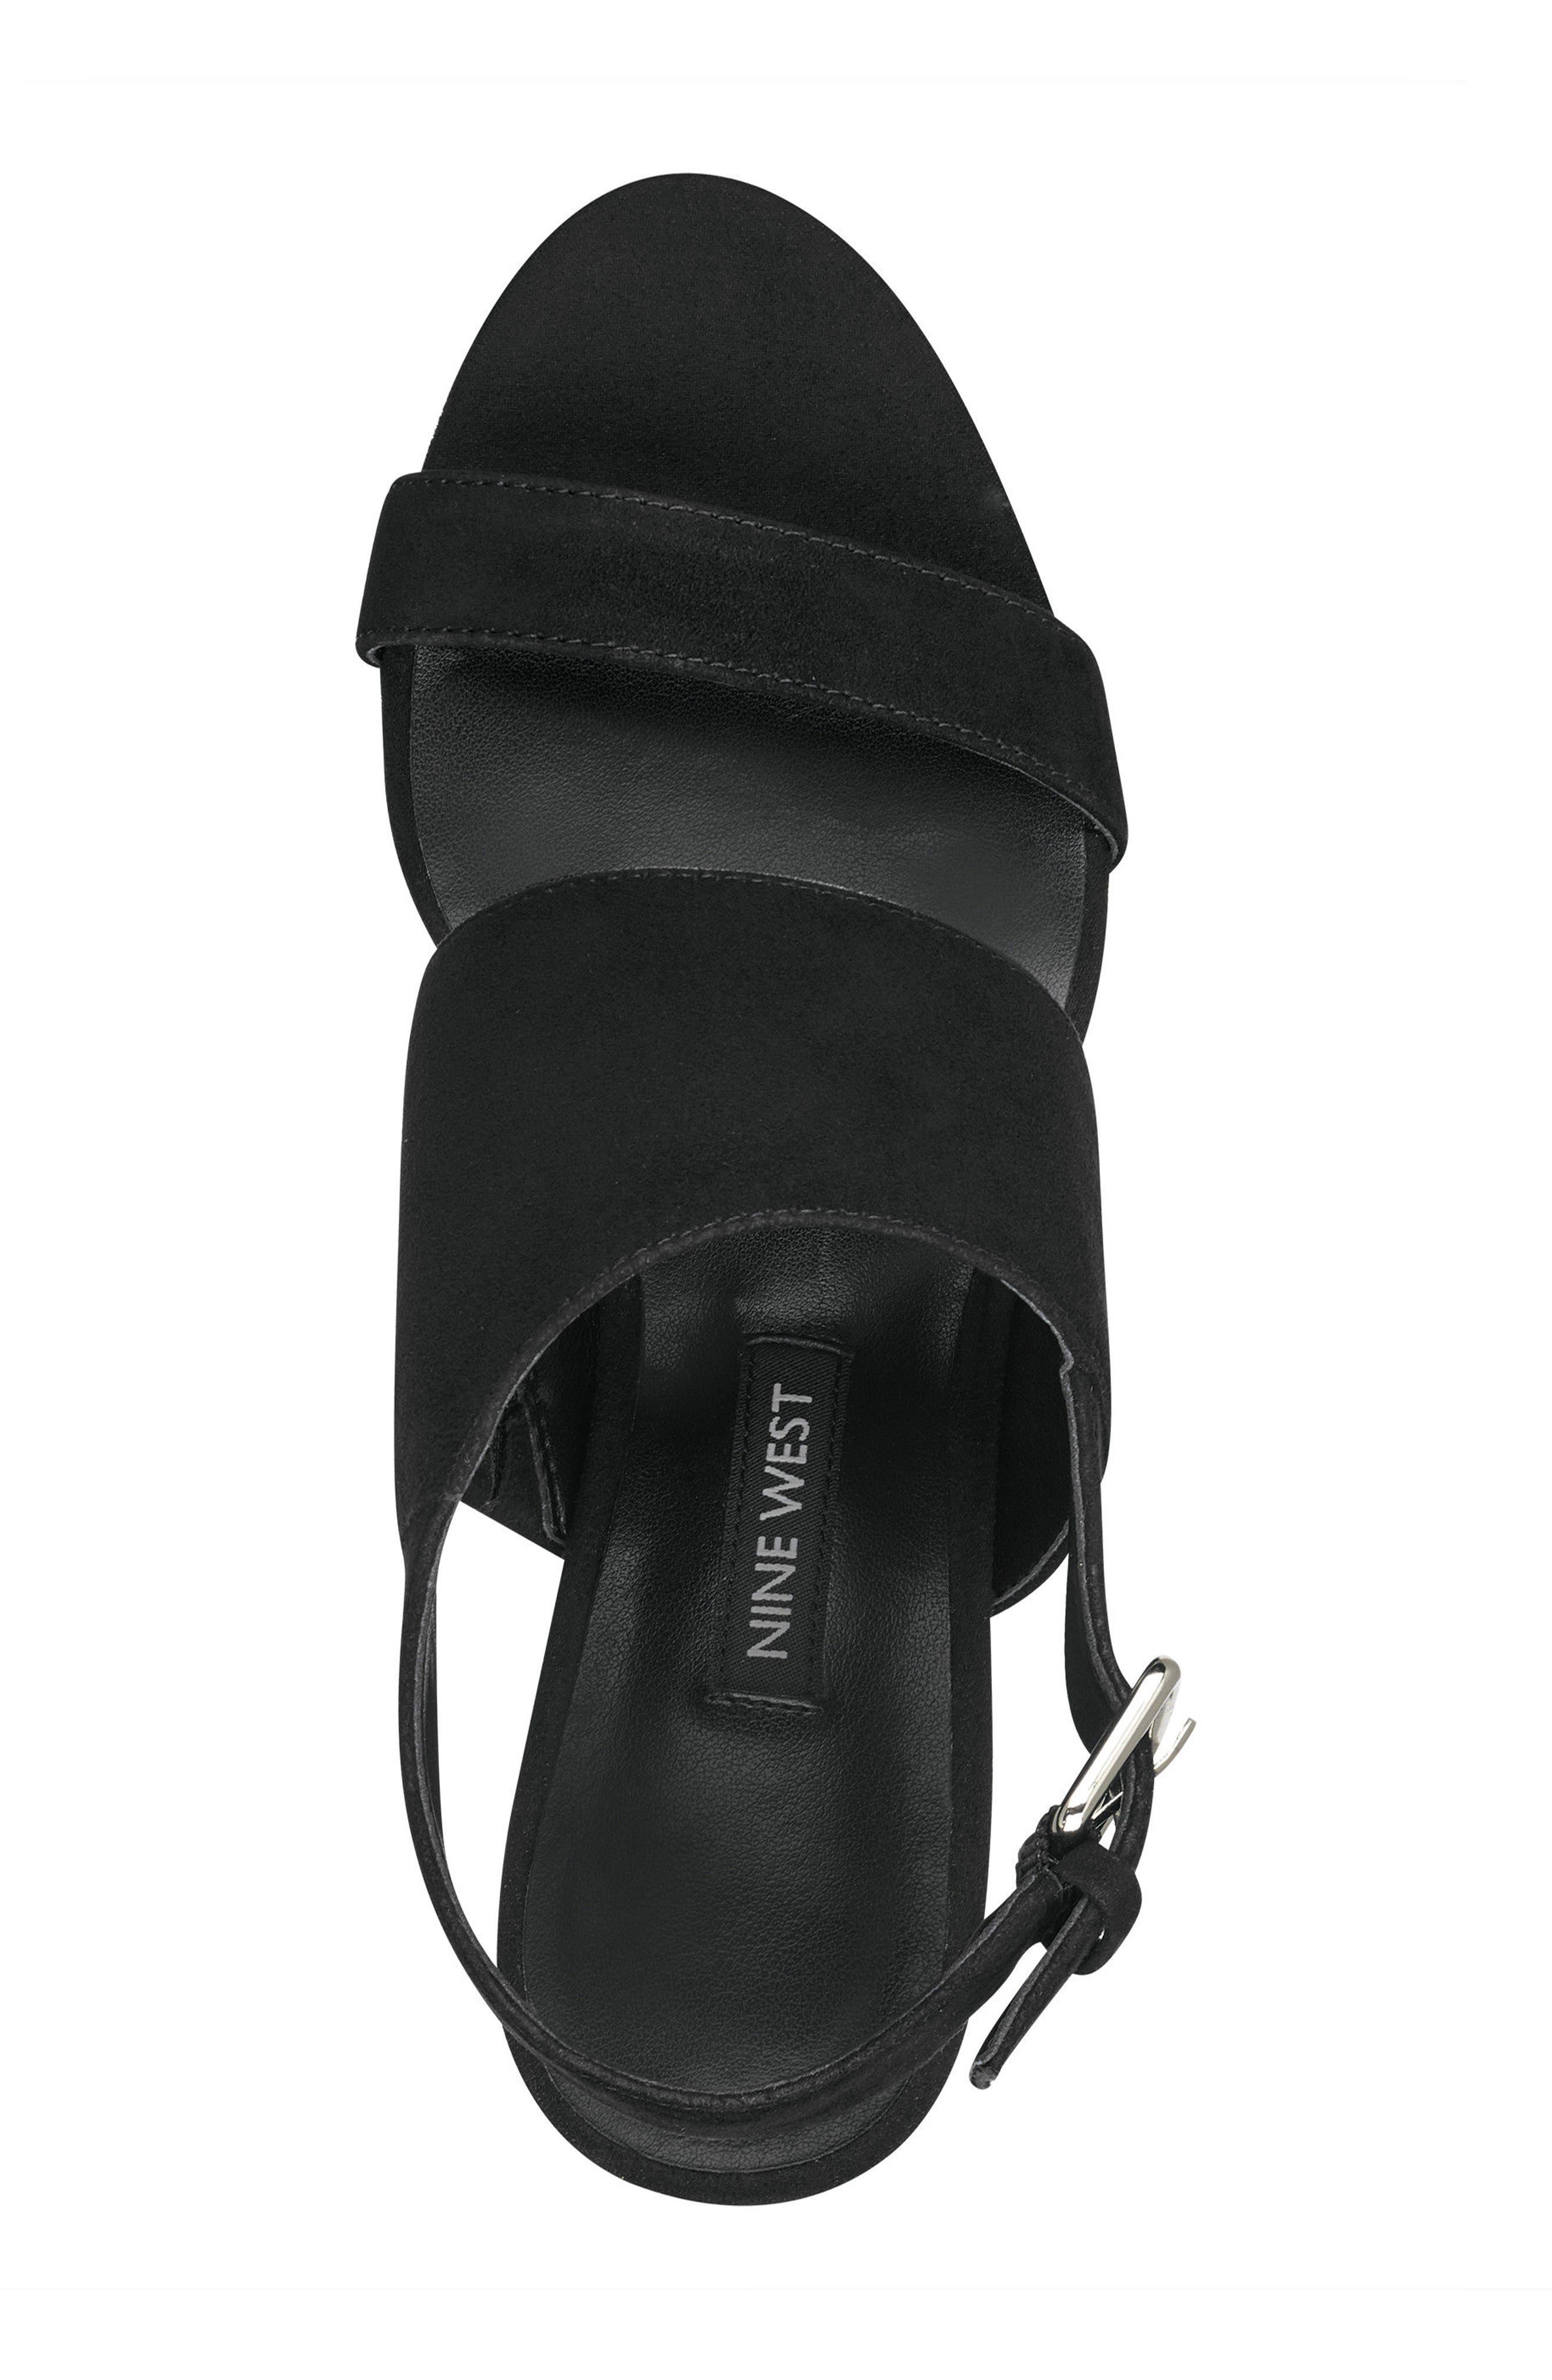 Forli Asymmetrical Sandal,                             Alternate thumbnail 5, color,                             001